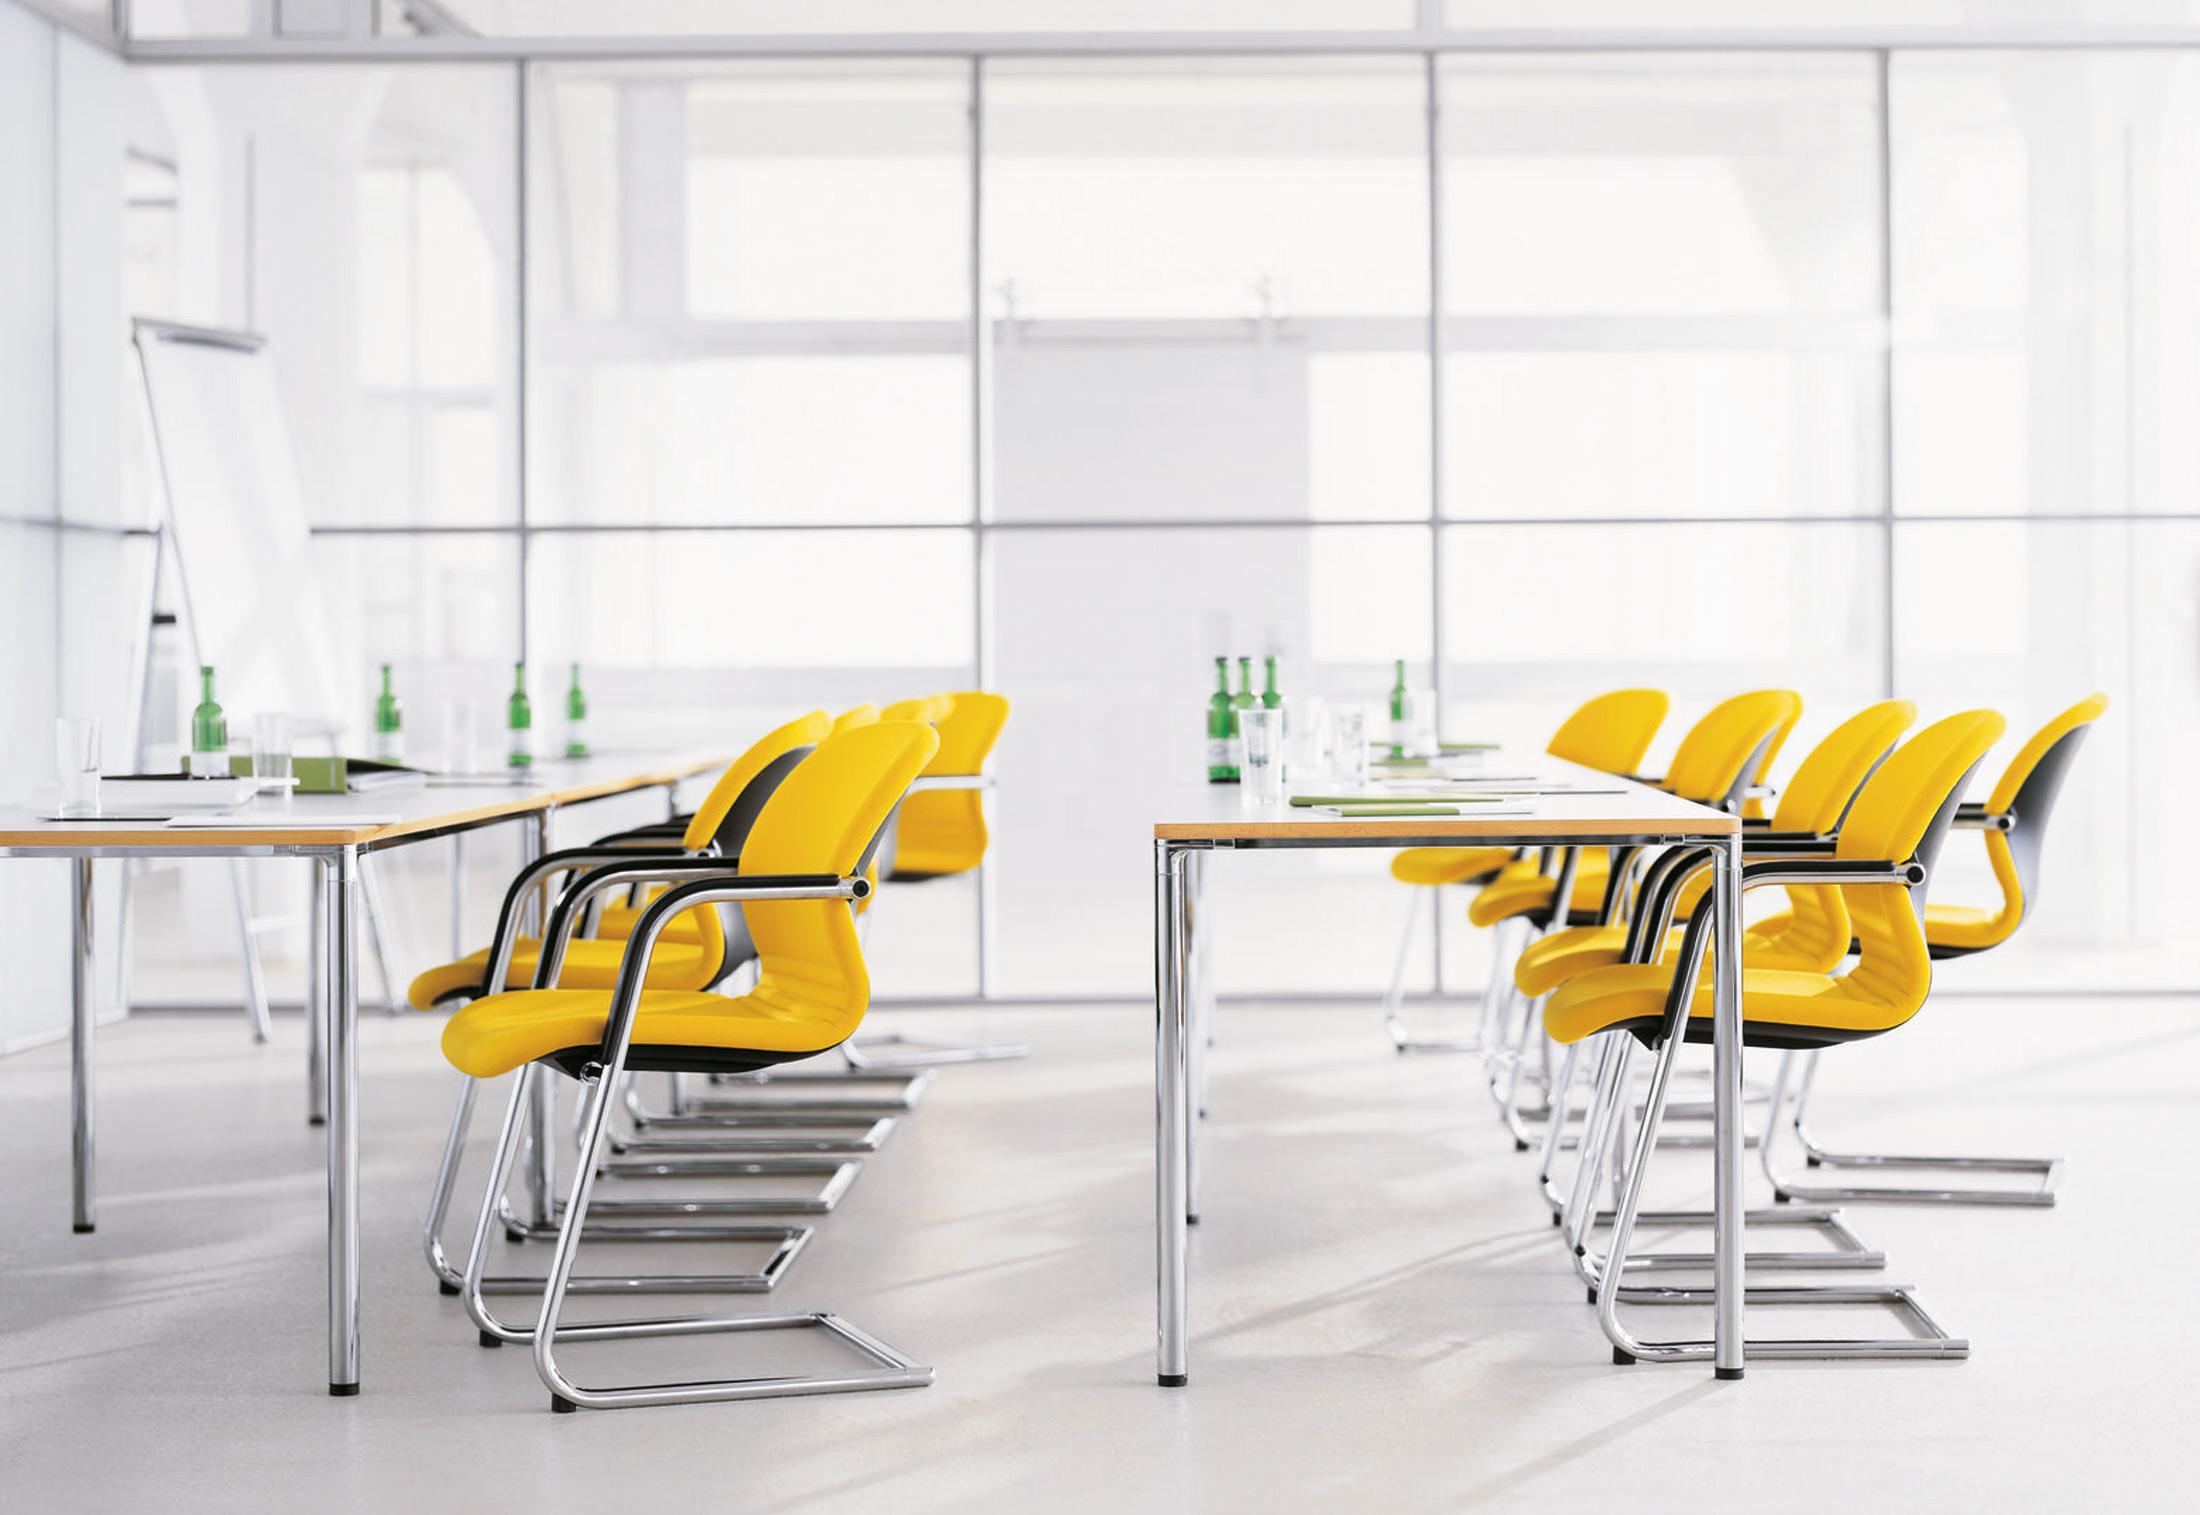 办公椅|会议椅|创意家具|现代家居|时尚家具|设计师家具|定制家具|实木家具|FS-Line 212/5 会议椅